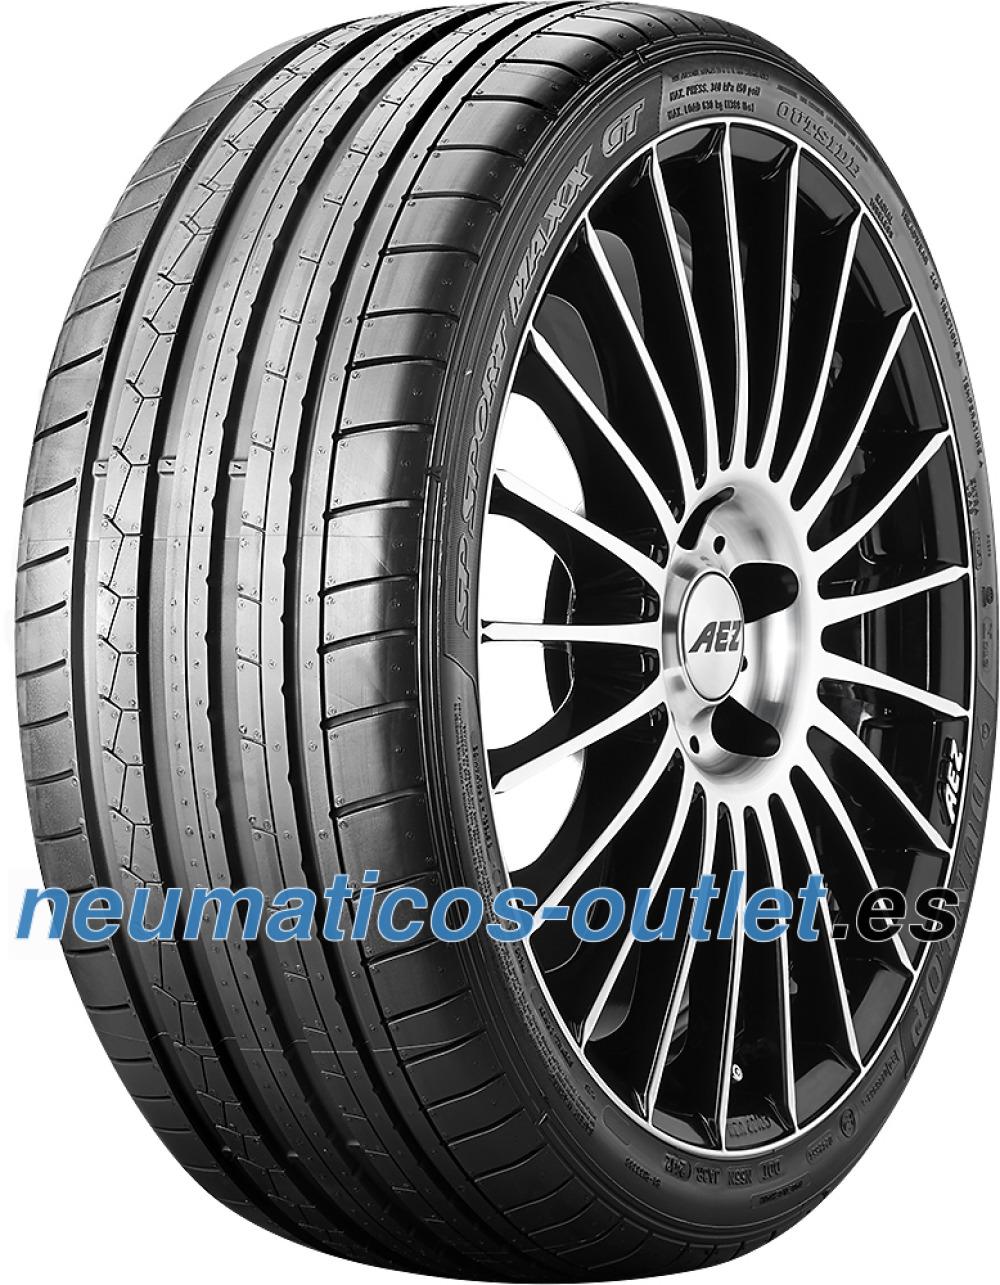 Dunlop SP Sport Maxx GT ( 265/45 R20 104Y MO, con protector de llanta (MFS) VSB )